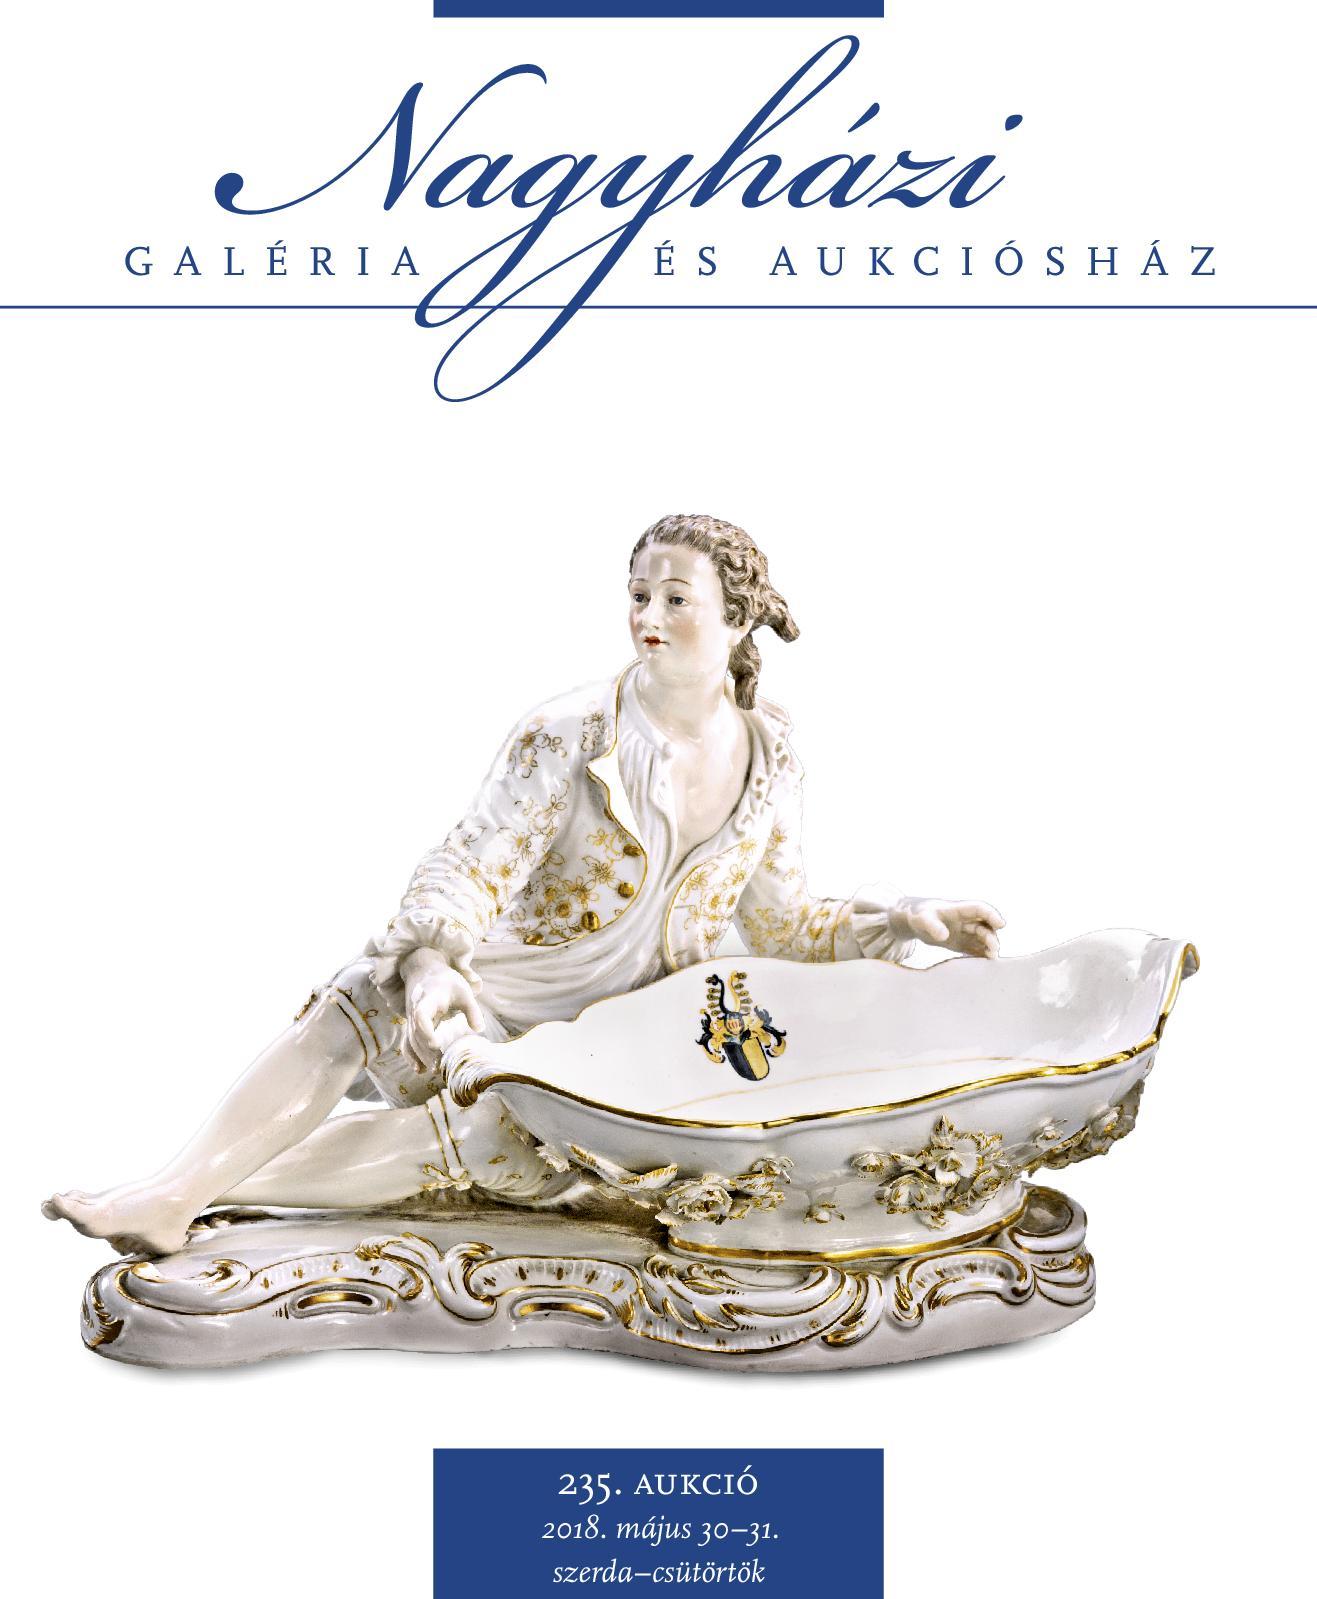 Nagyházi Galéria es Aukciósház - 235. aukció